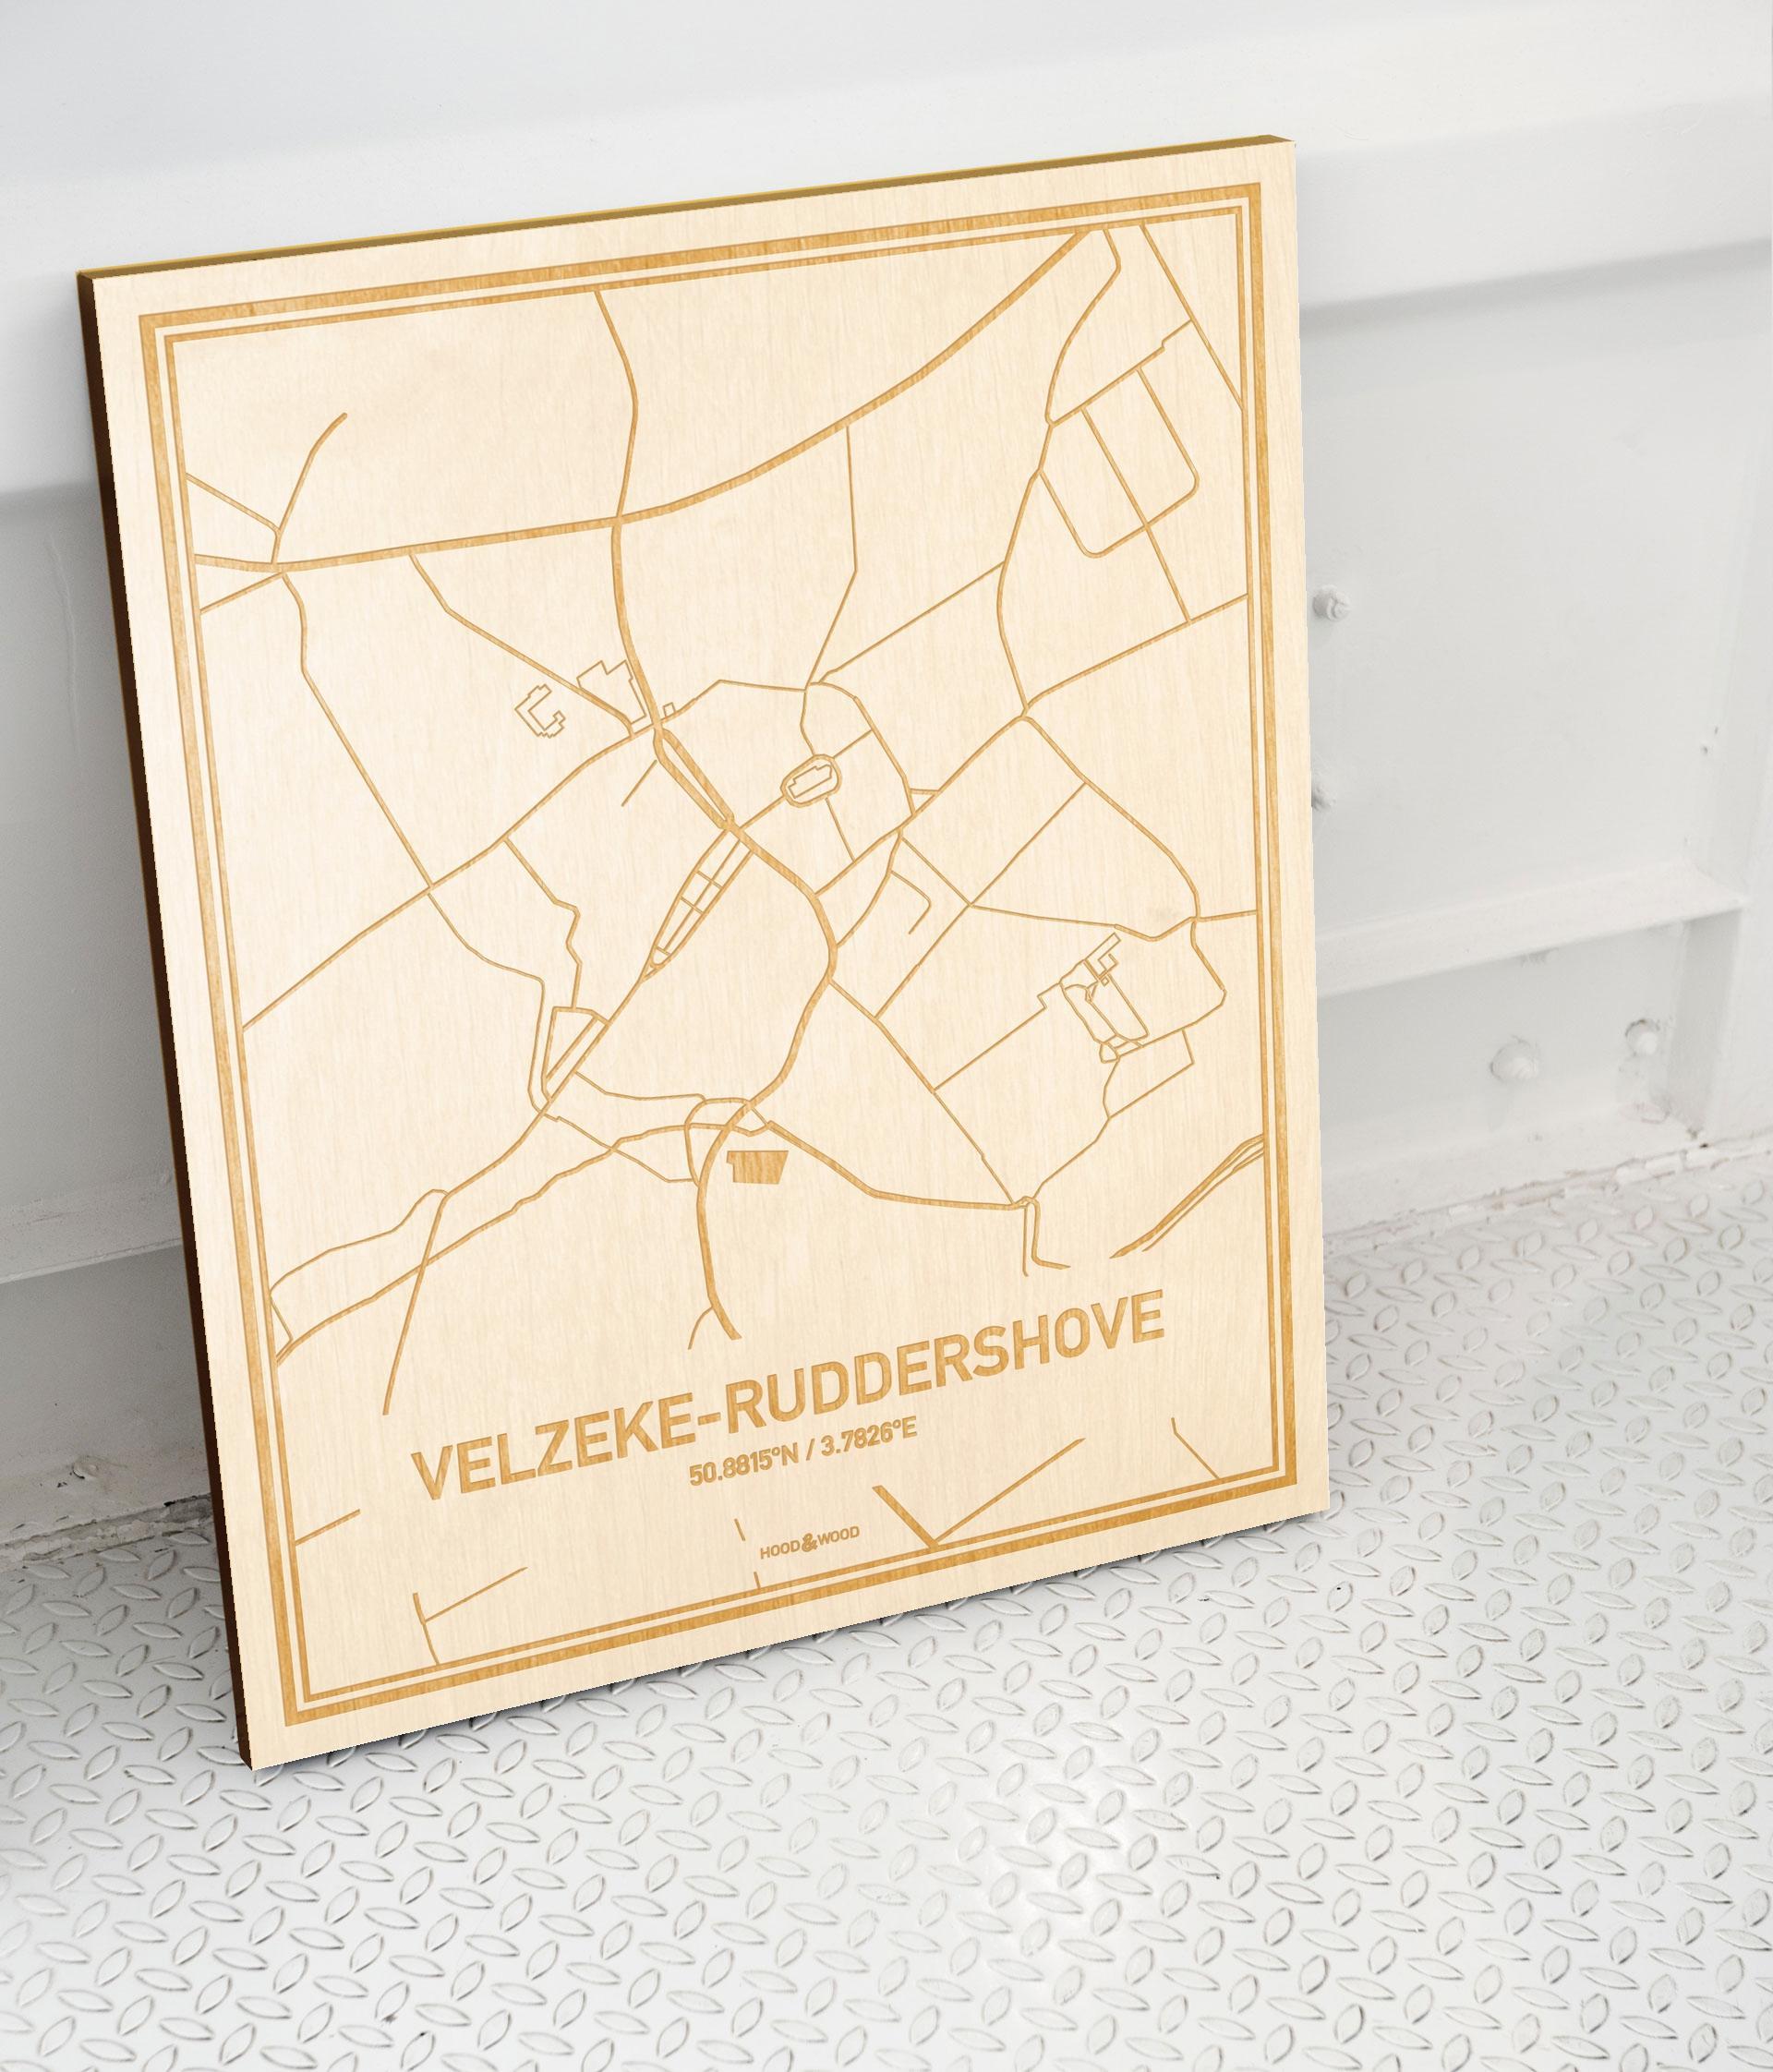 Plattegrond Velzeke-Ruddershove als prachtige houten wanddecoratie. Het warme hout contrasteert mooi met de witte muur.